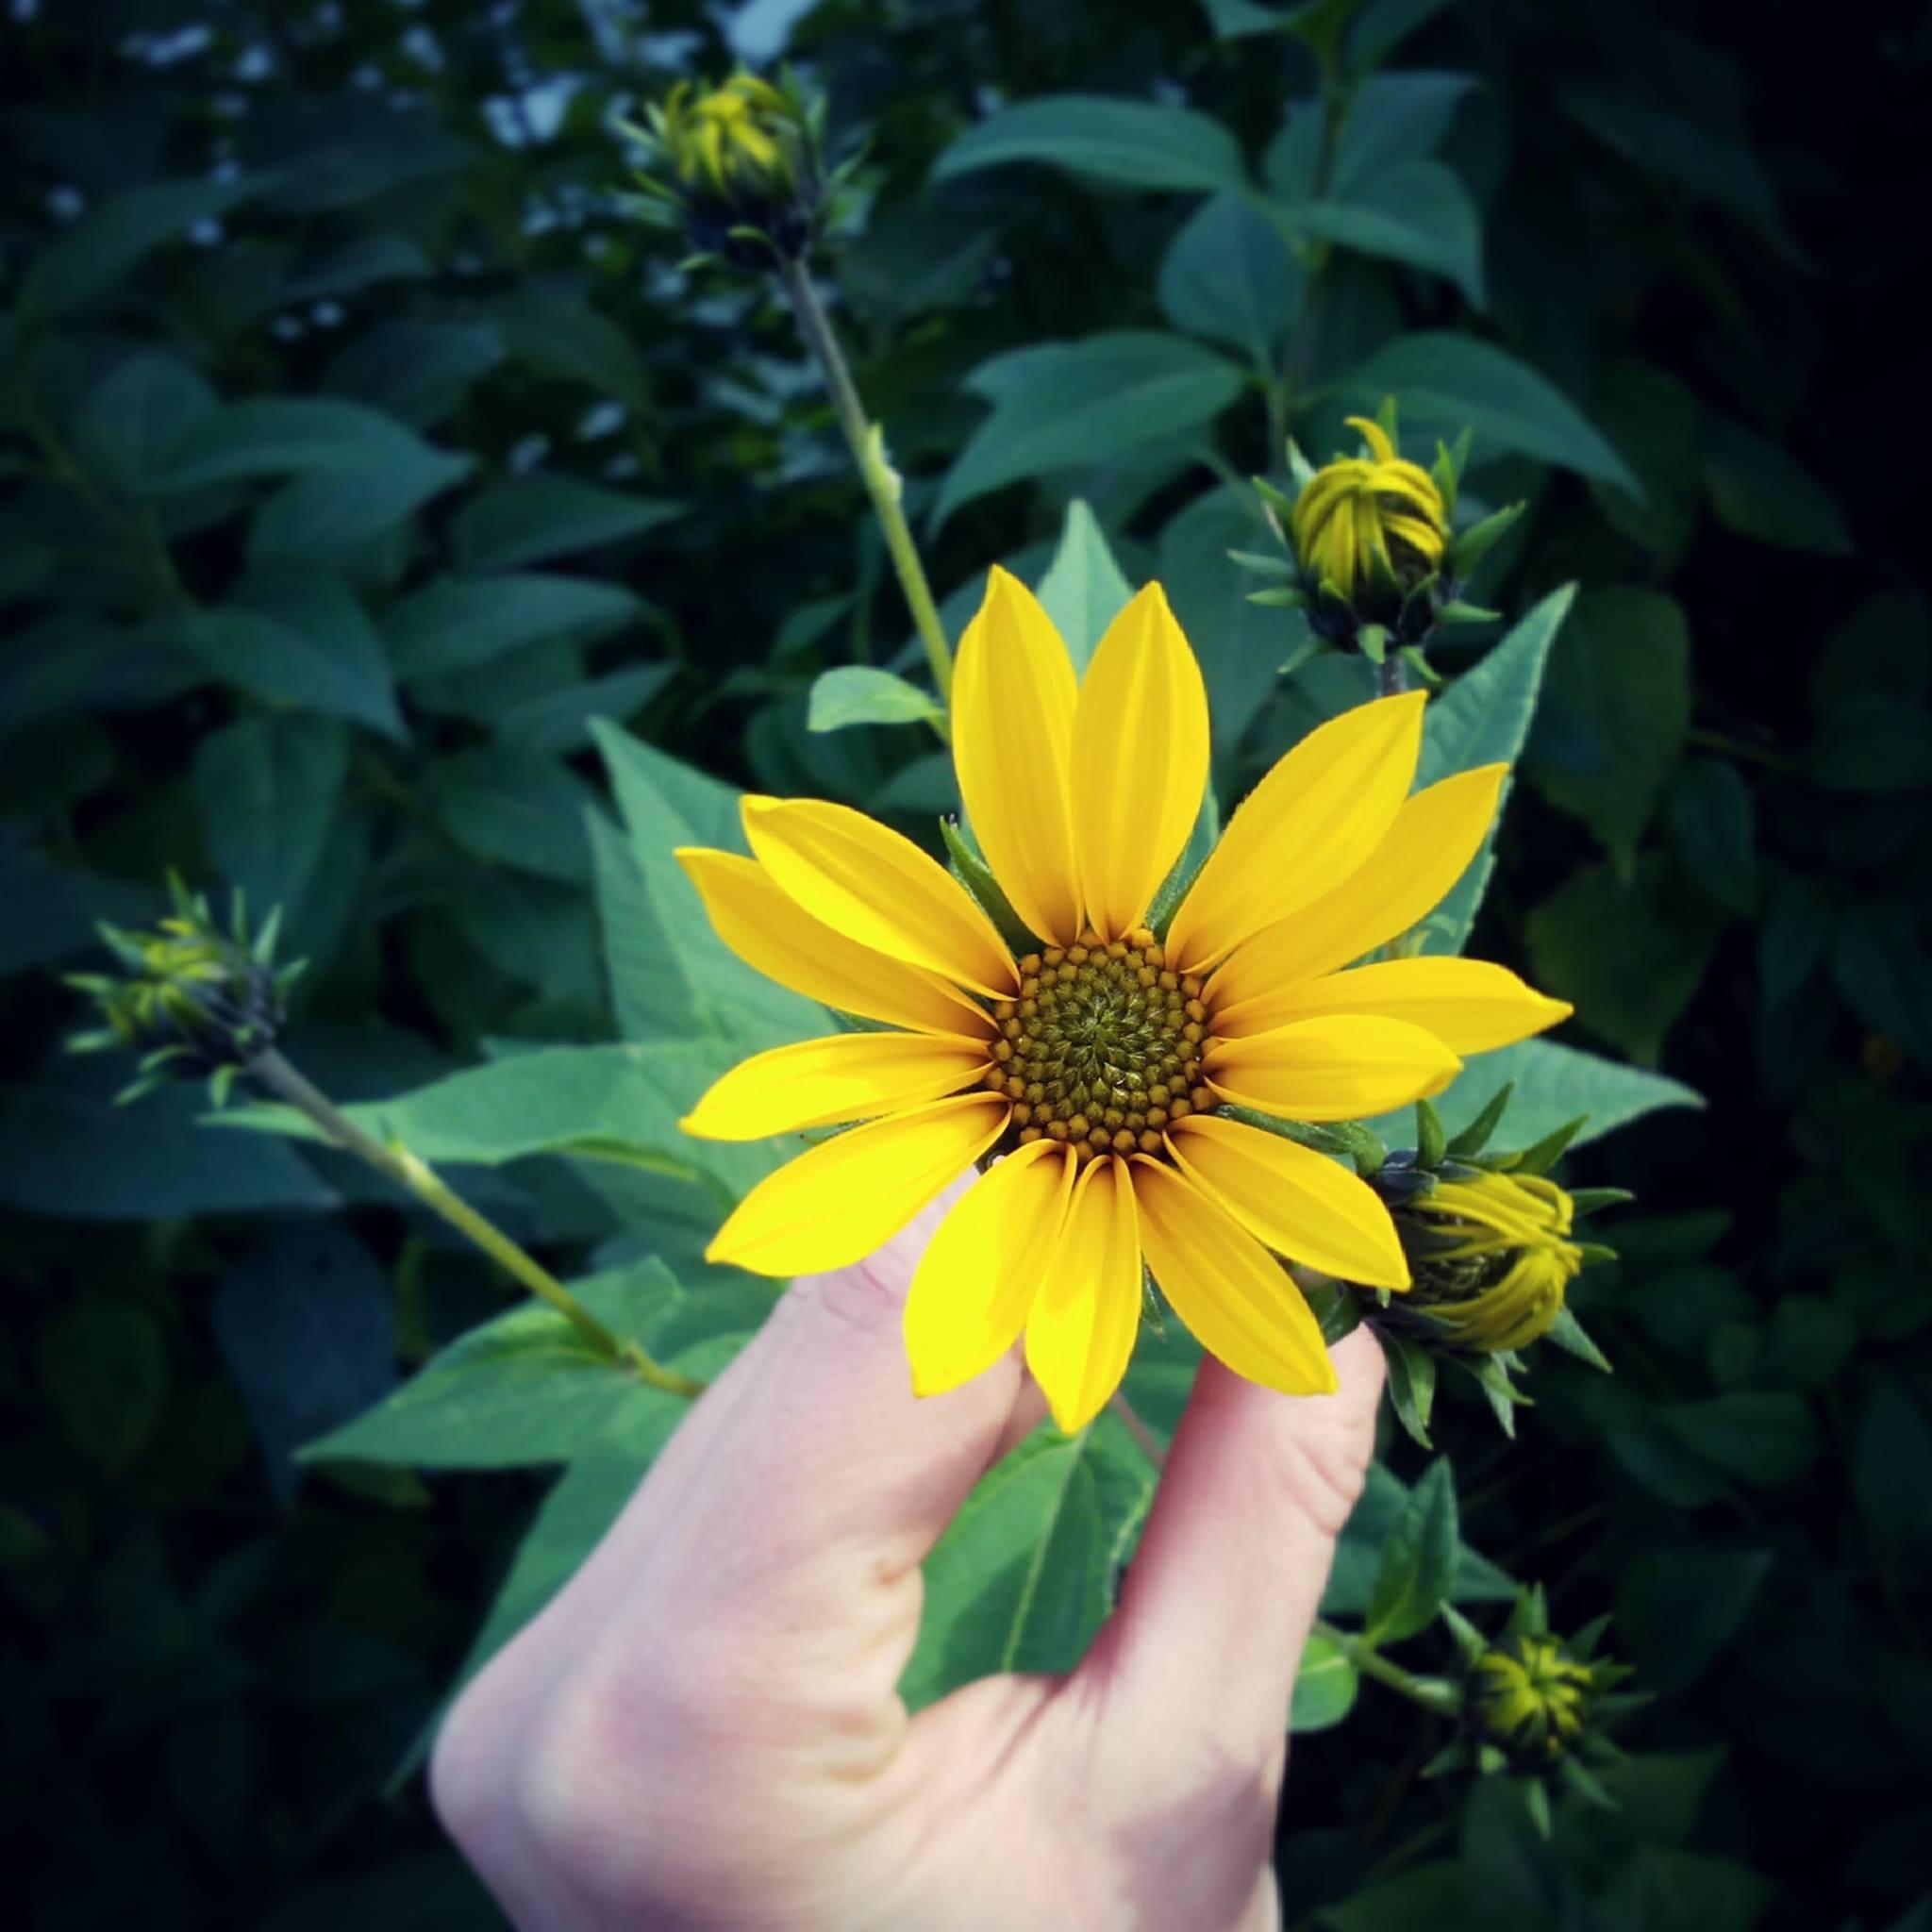 fleur d'helianthus